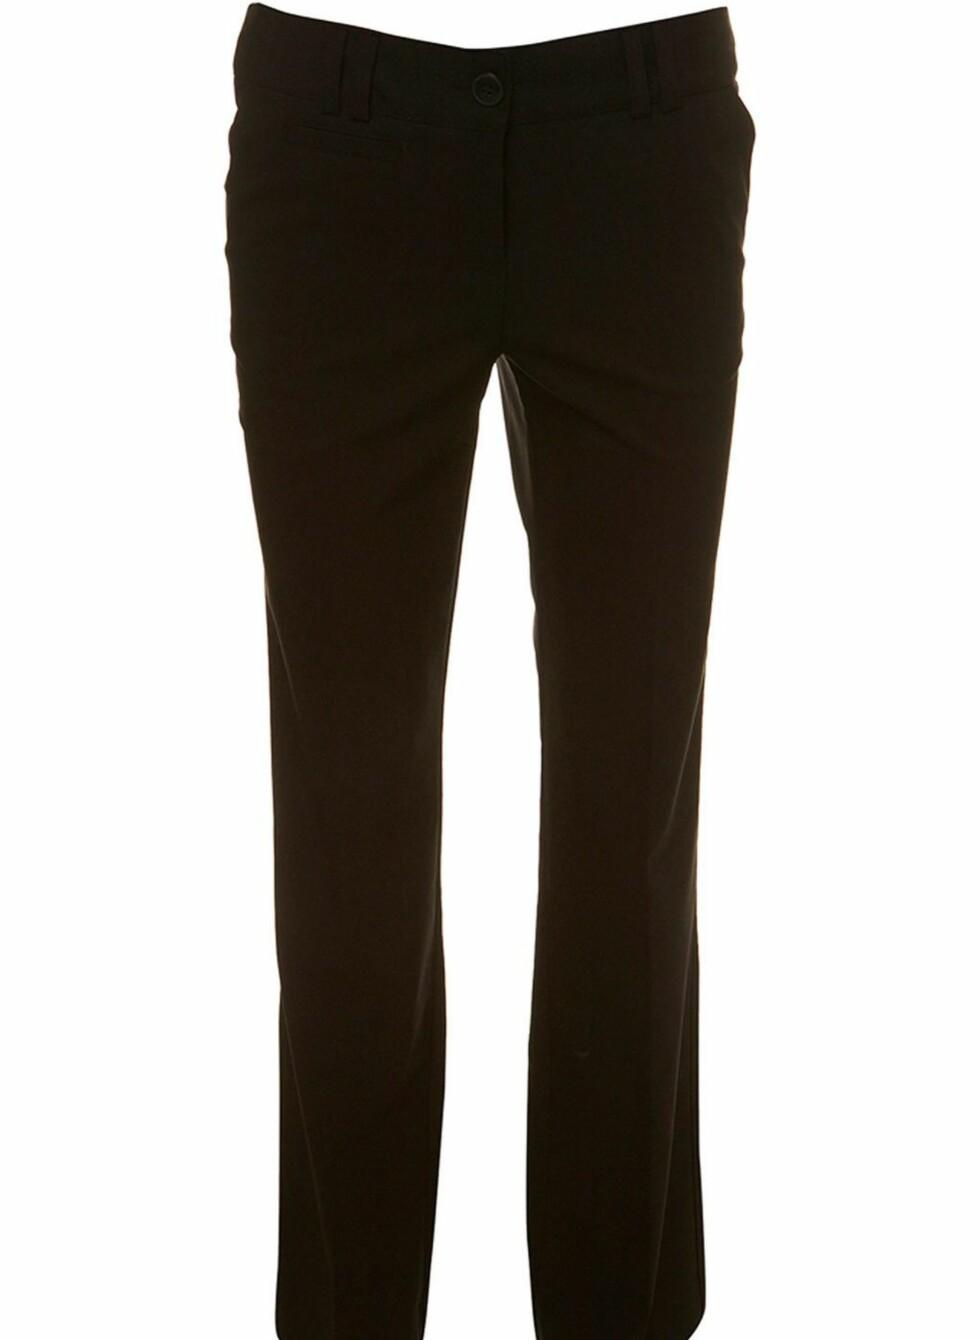 Lange svarte bukser fra Topshop, ca kr 267. Foto: Produsenten